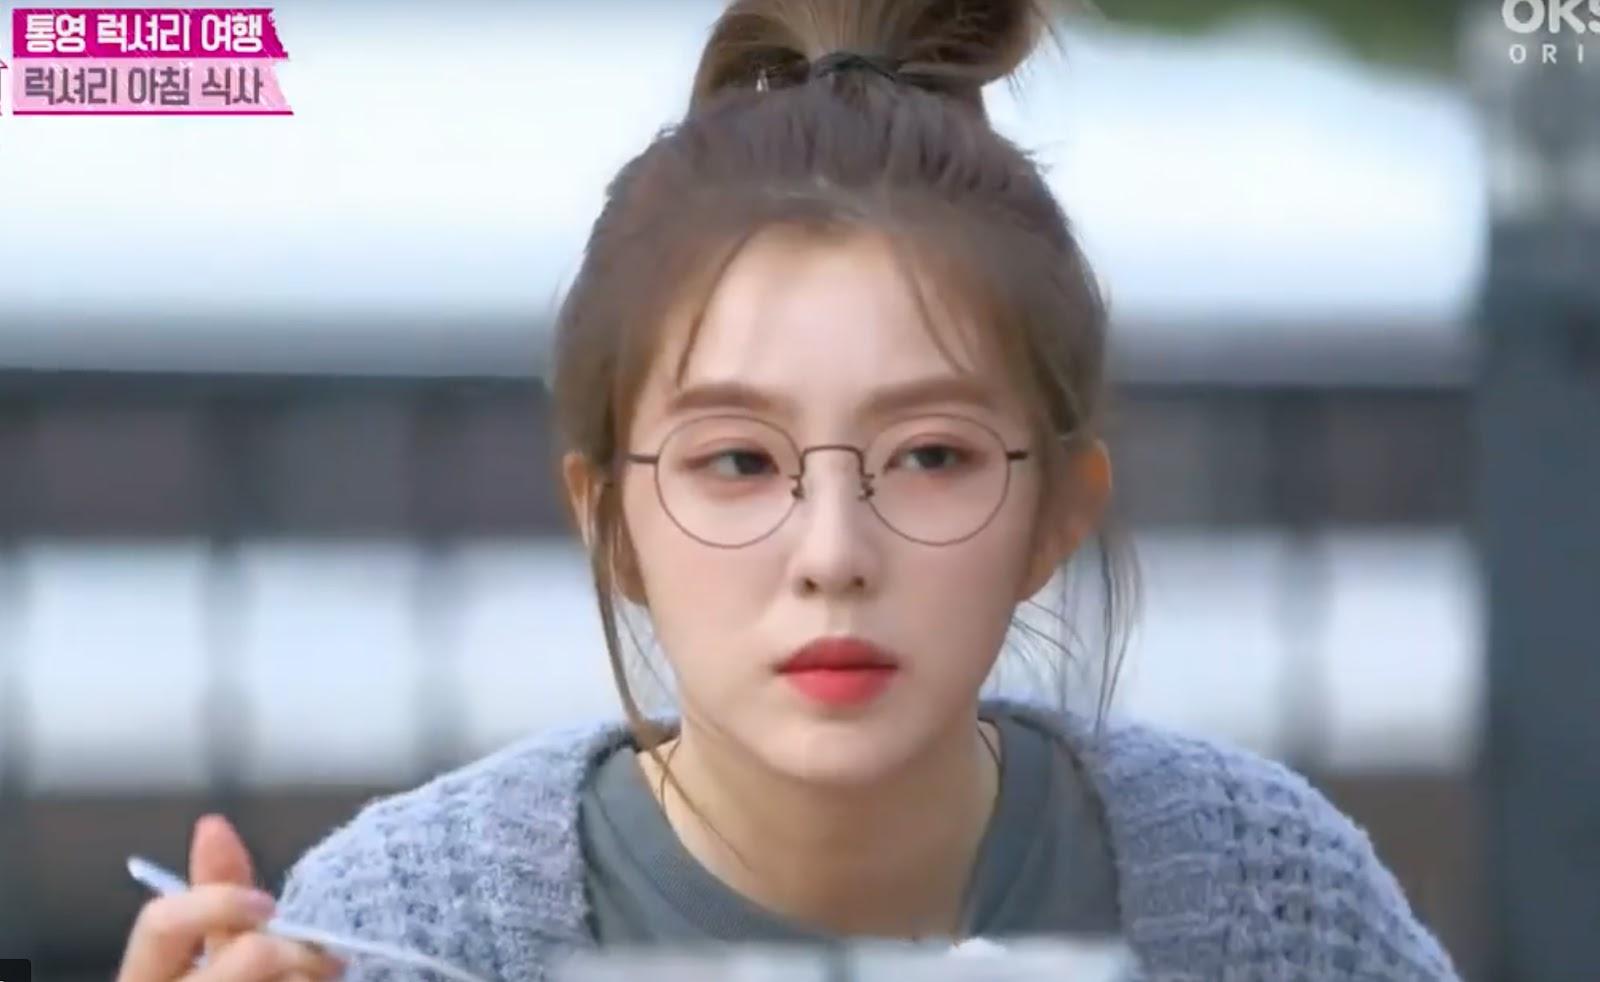 irene glasses 22